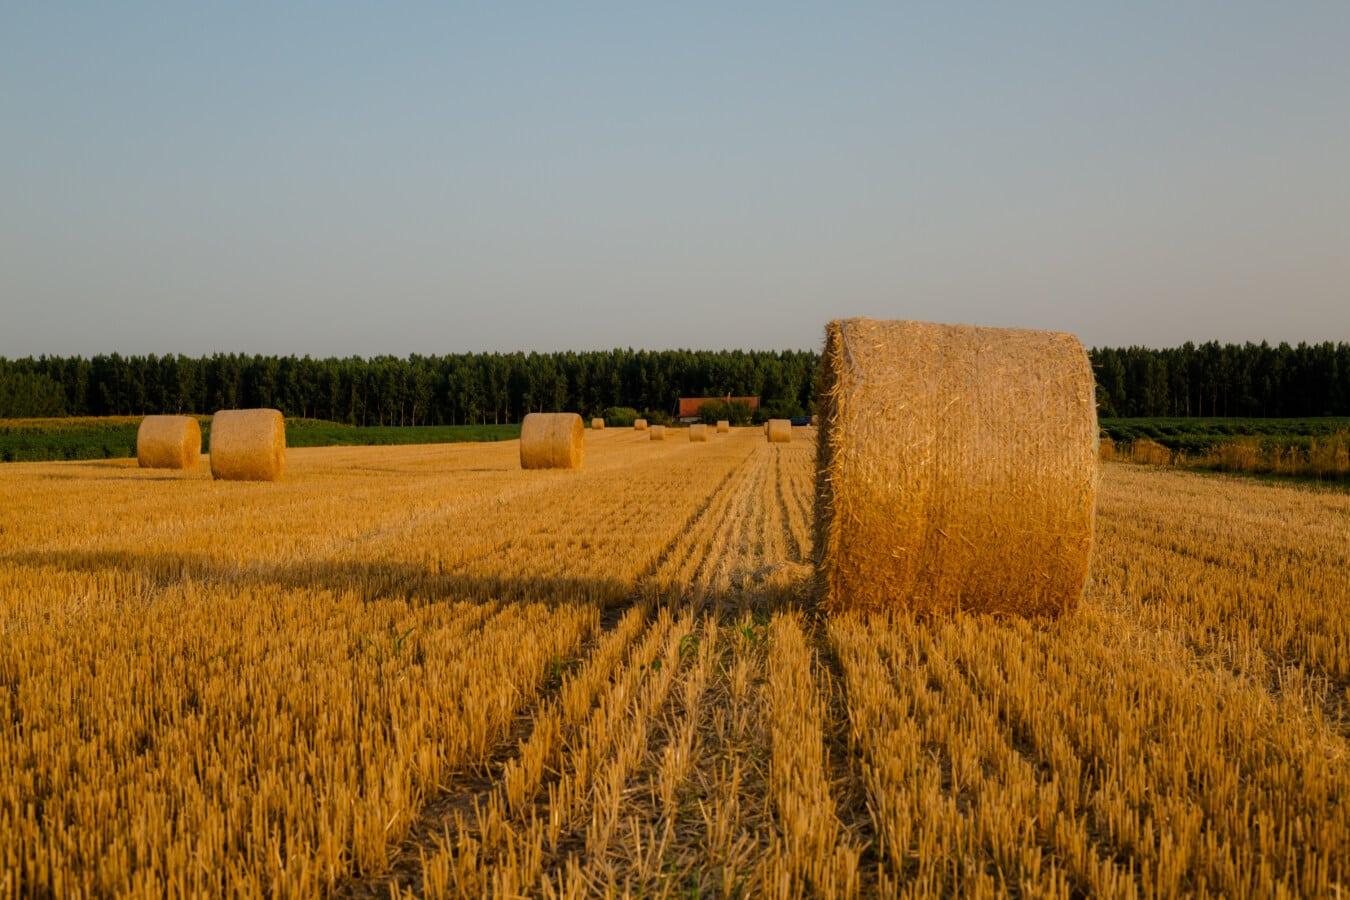 kerek, bála, haying, széna mező, széna, farm, vidéki, mező, mezőgazdaság, takarmány